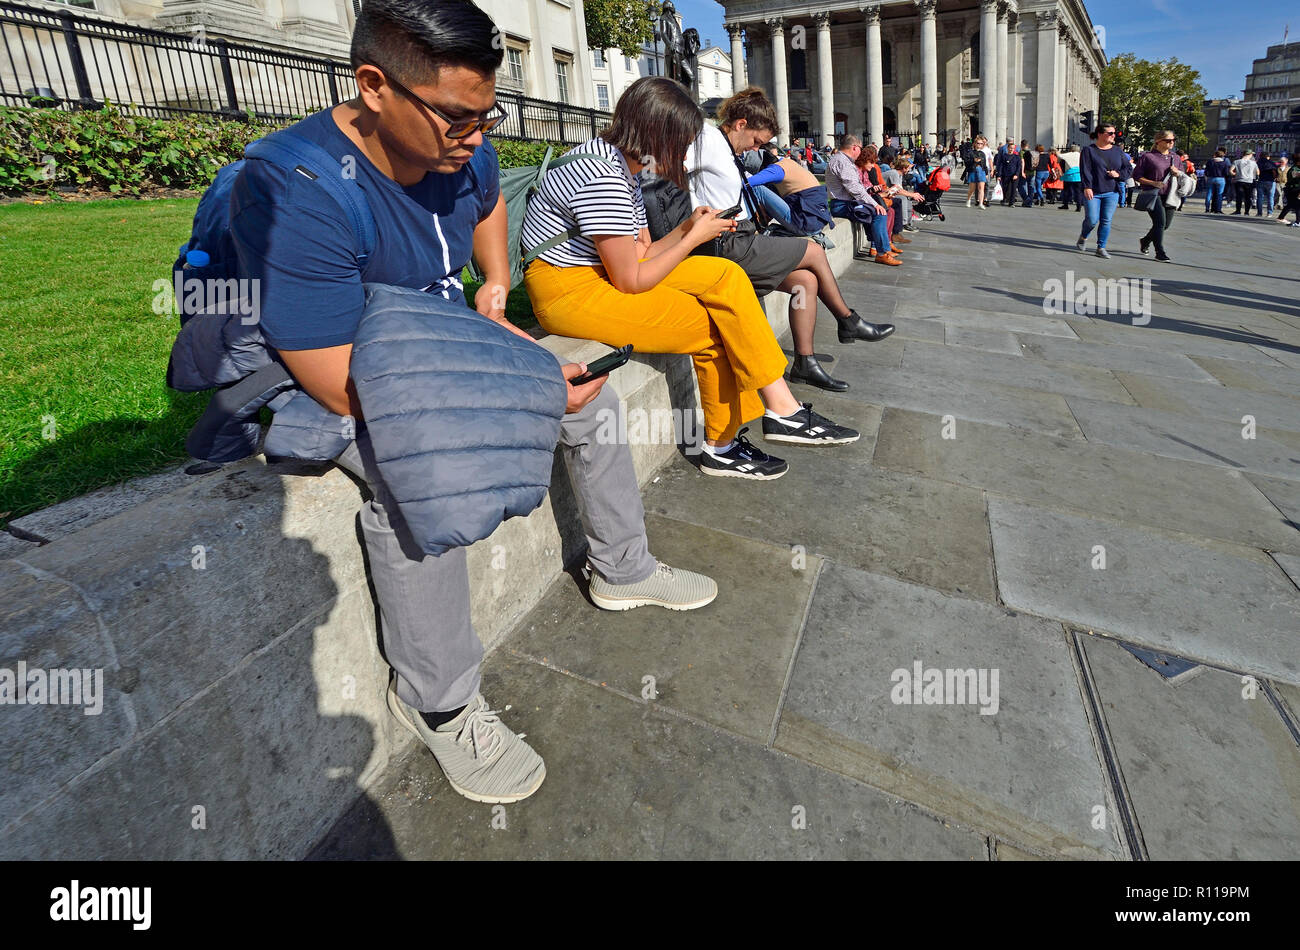 Menschen auf ihren Handys am Mittag vor der National Gallery am Trafalgar Square, London, England, UK. Stockbild